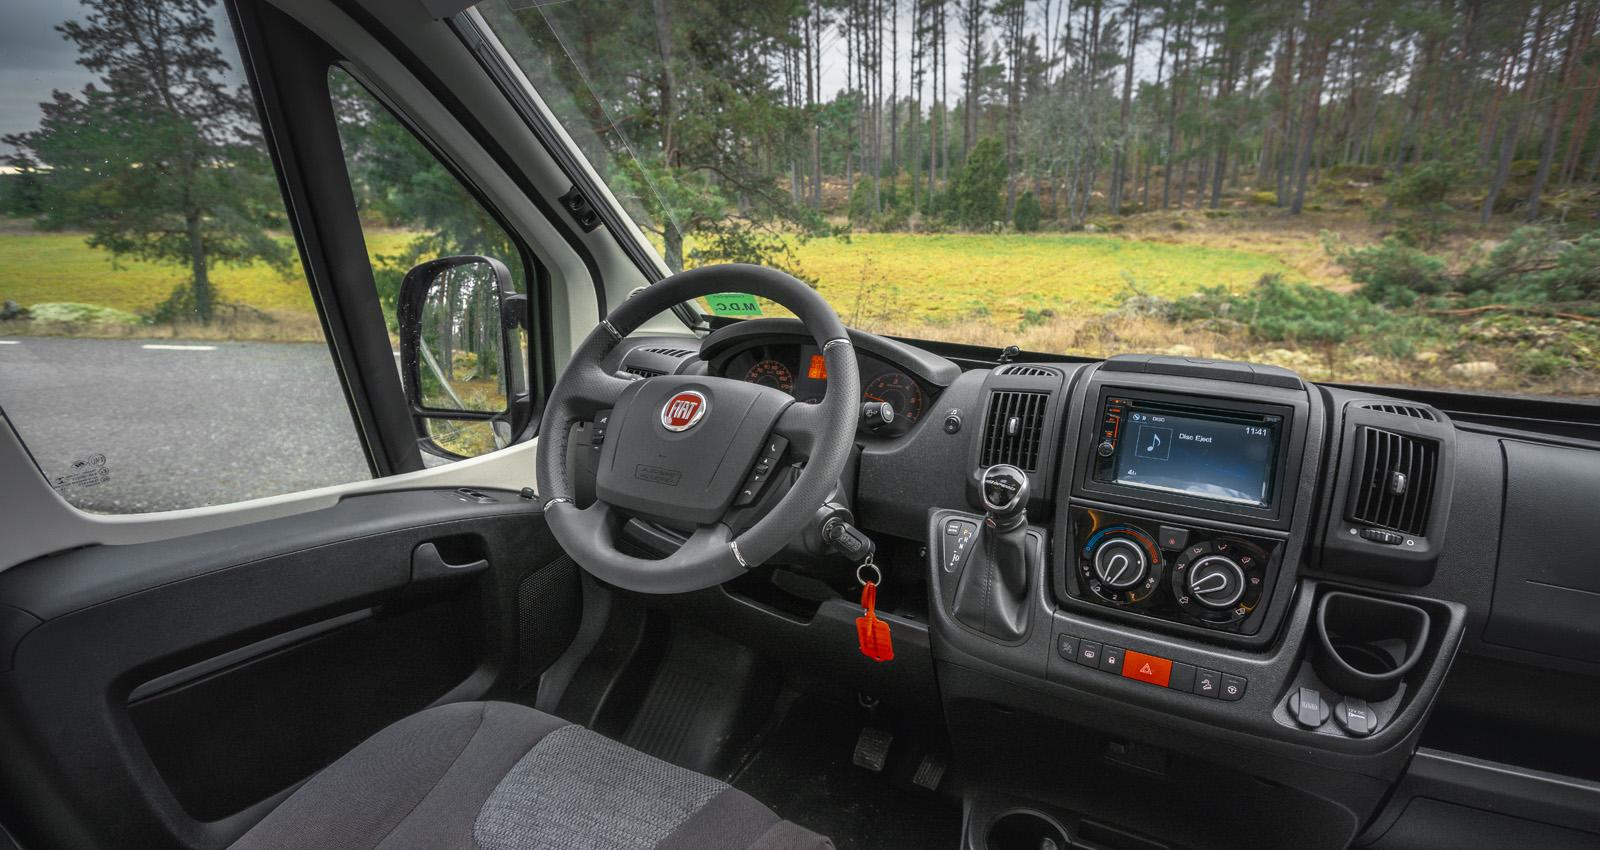 Testbilen har läderratt med kromringar och reglage för radion som i sin tur har touchskärm.